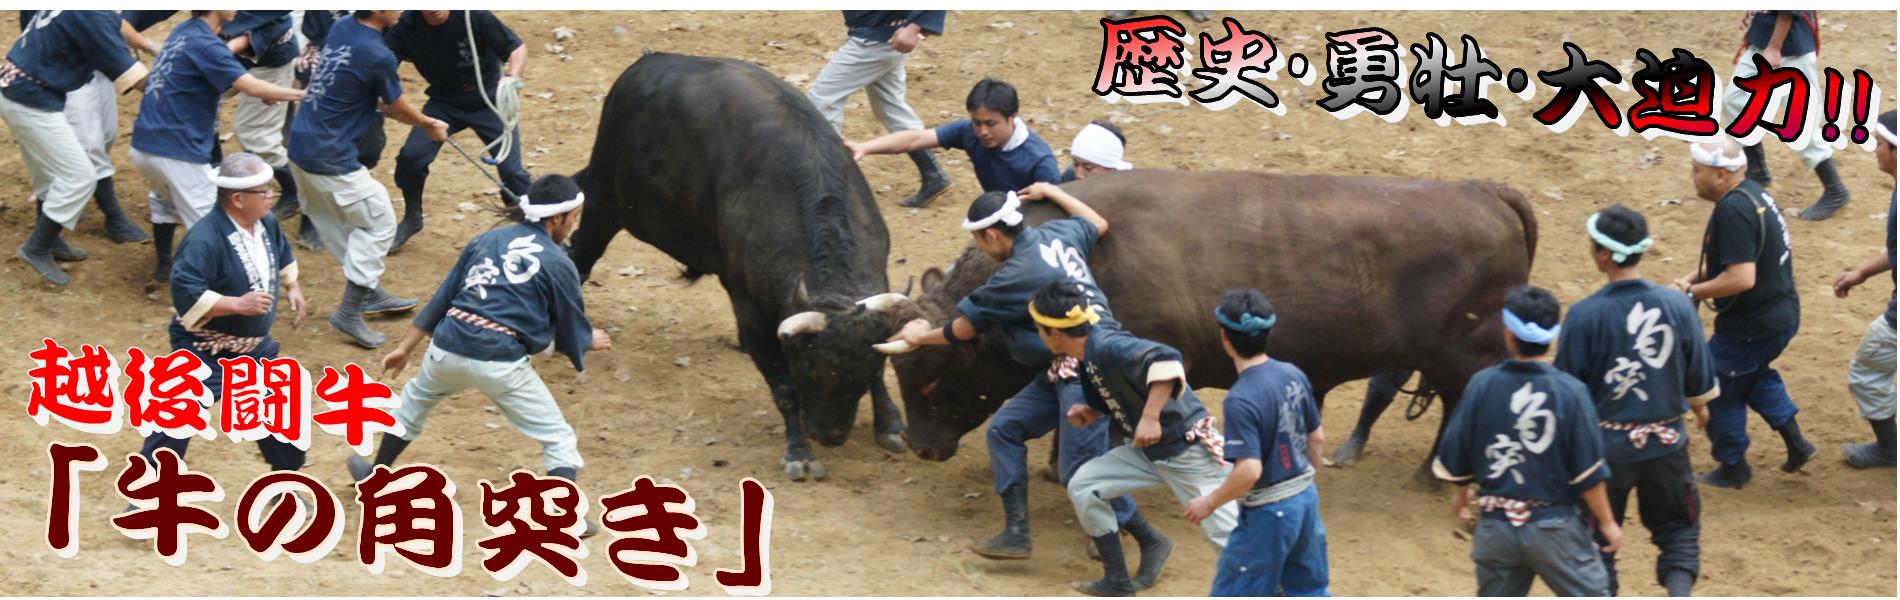 勇壮!! 越後闘牛『牛の角突き』 5月~11月!